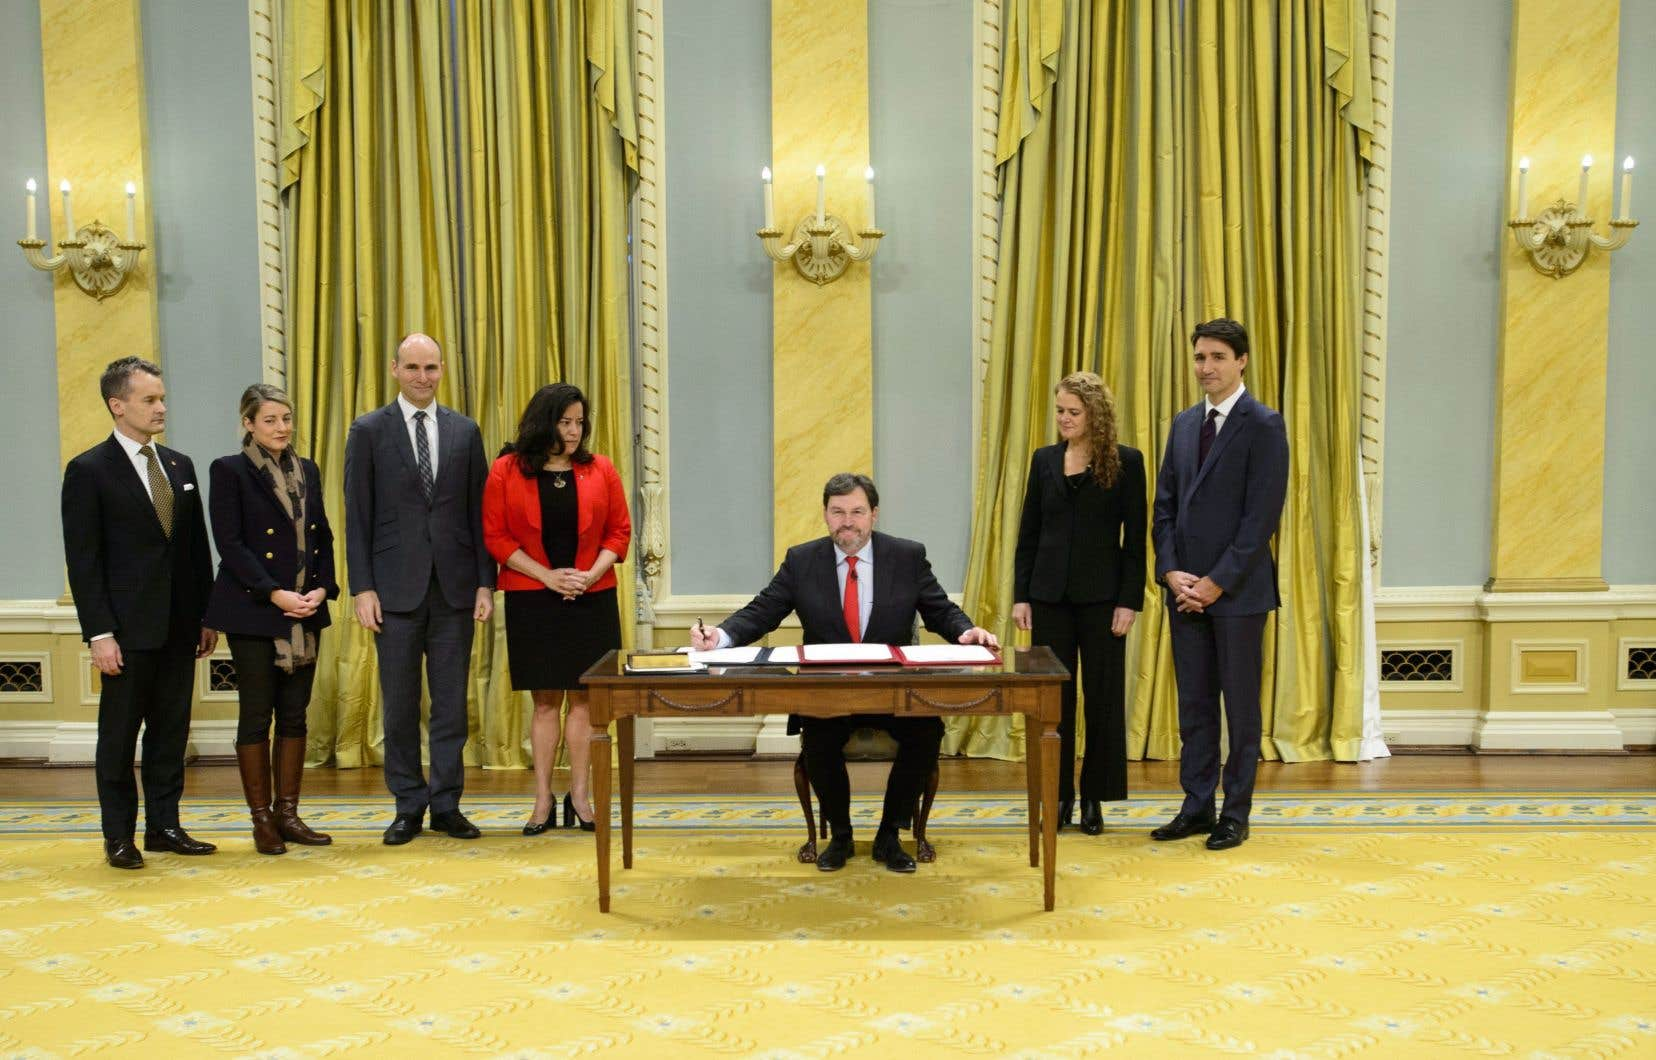 La cérémonie, qui a duré moins de 10 minutes, a réuni certains de ses confrères de la Cour suprême, dont la juge à qui il succède, Beverley McLachlin.